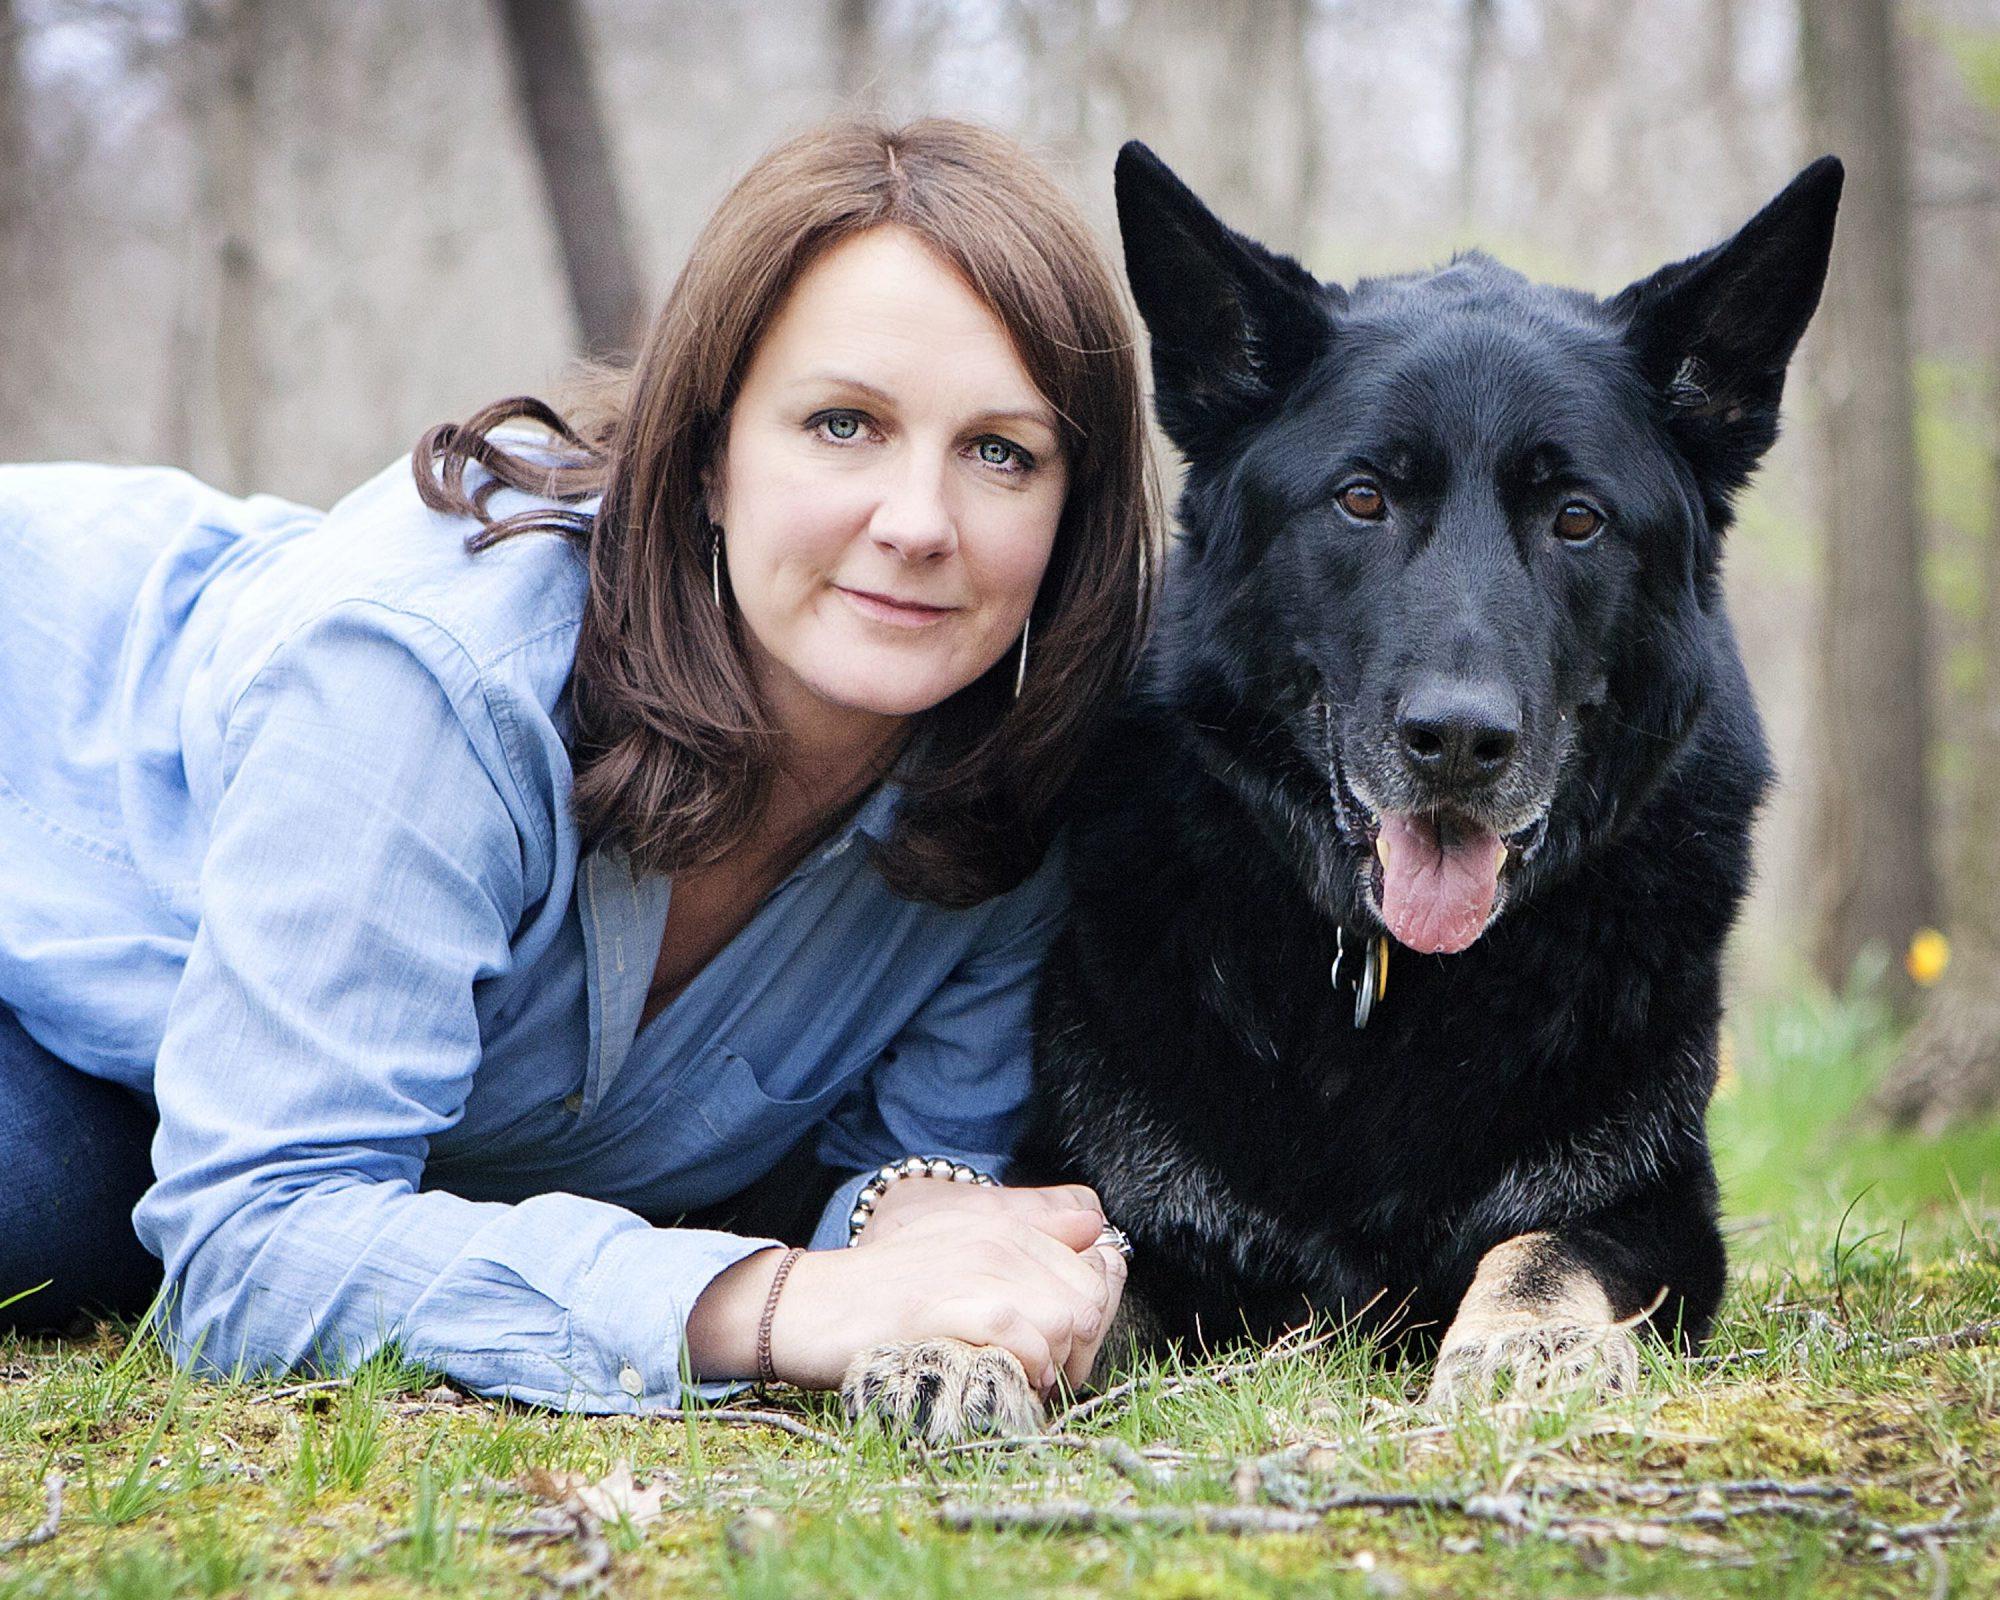 Sarah and dog